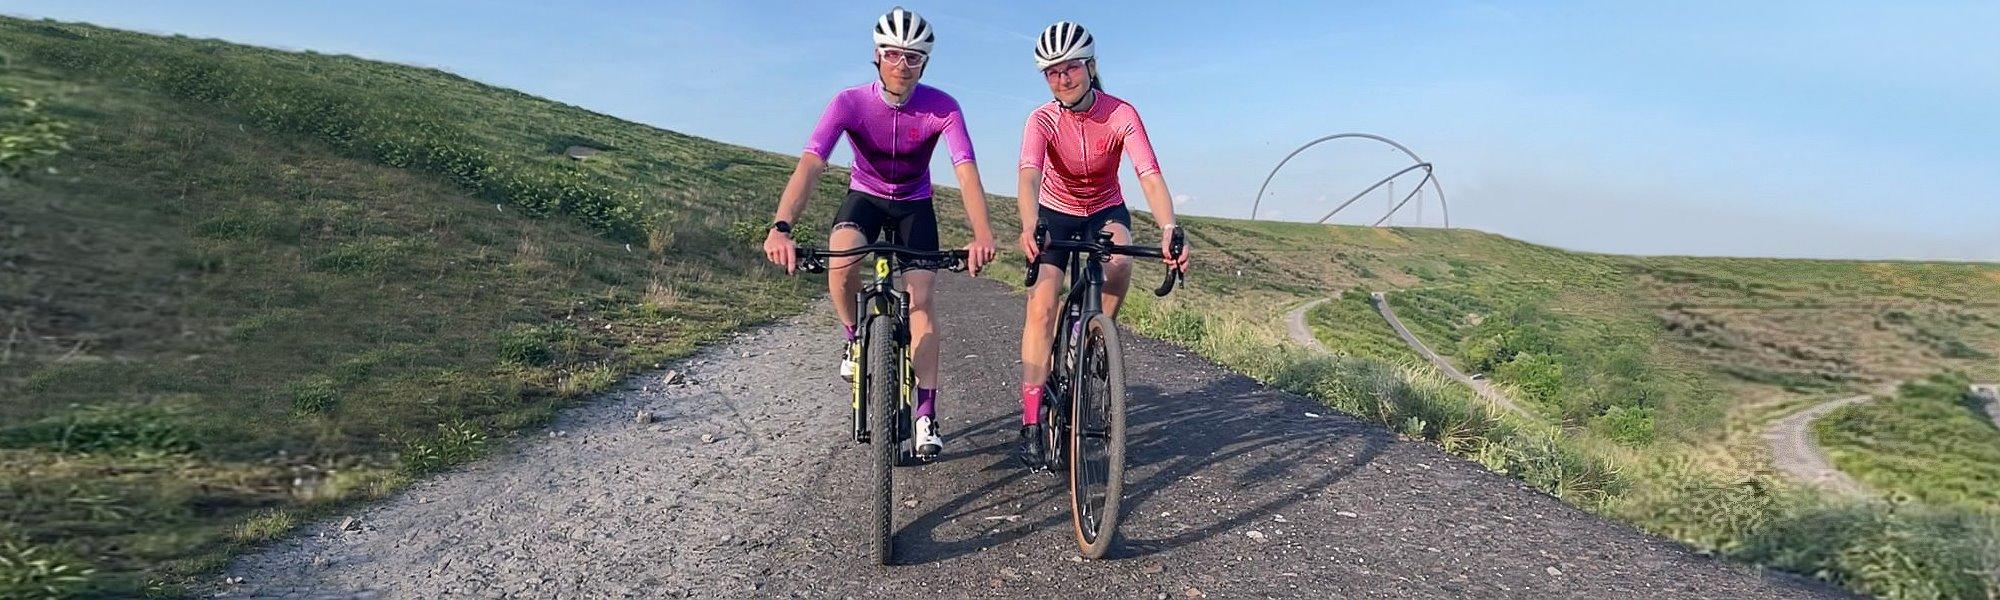 Radsport- und Teambekleidung